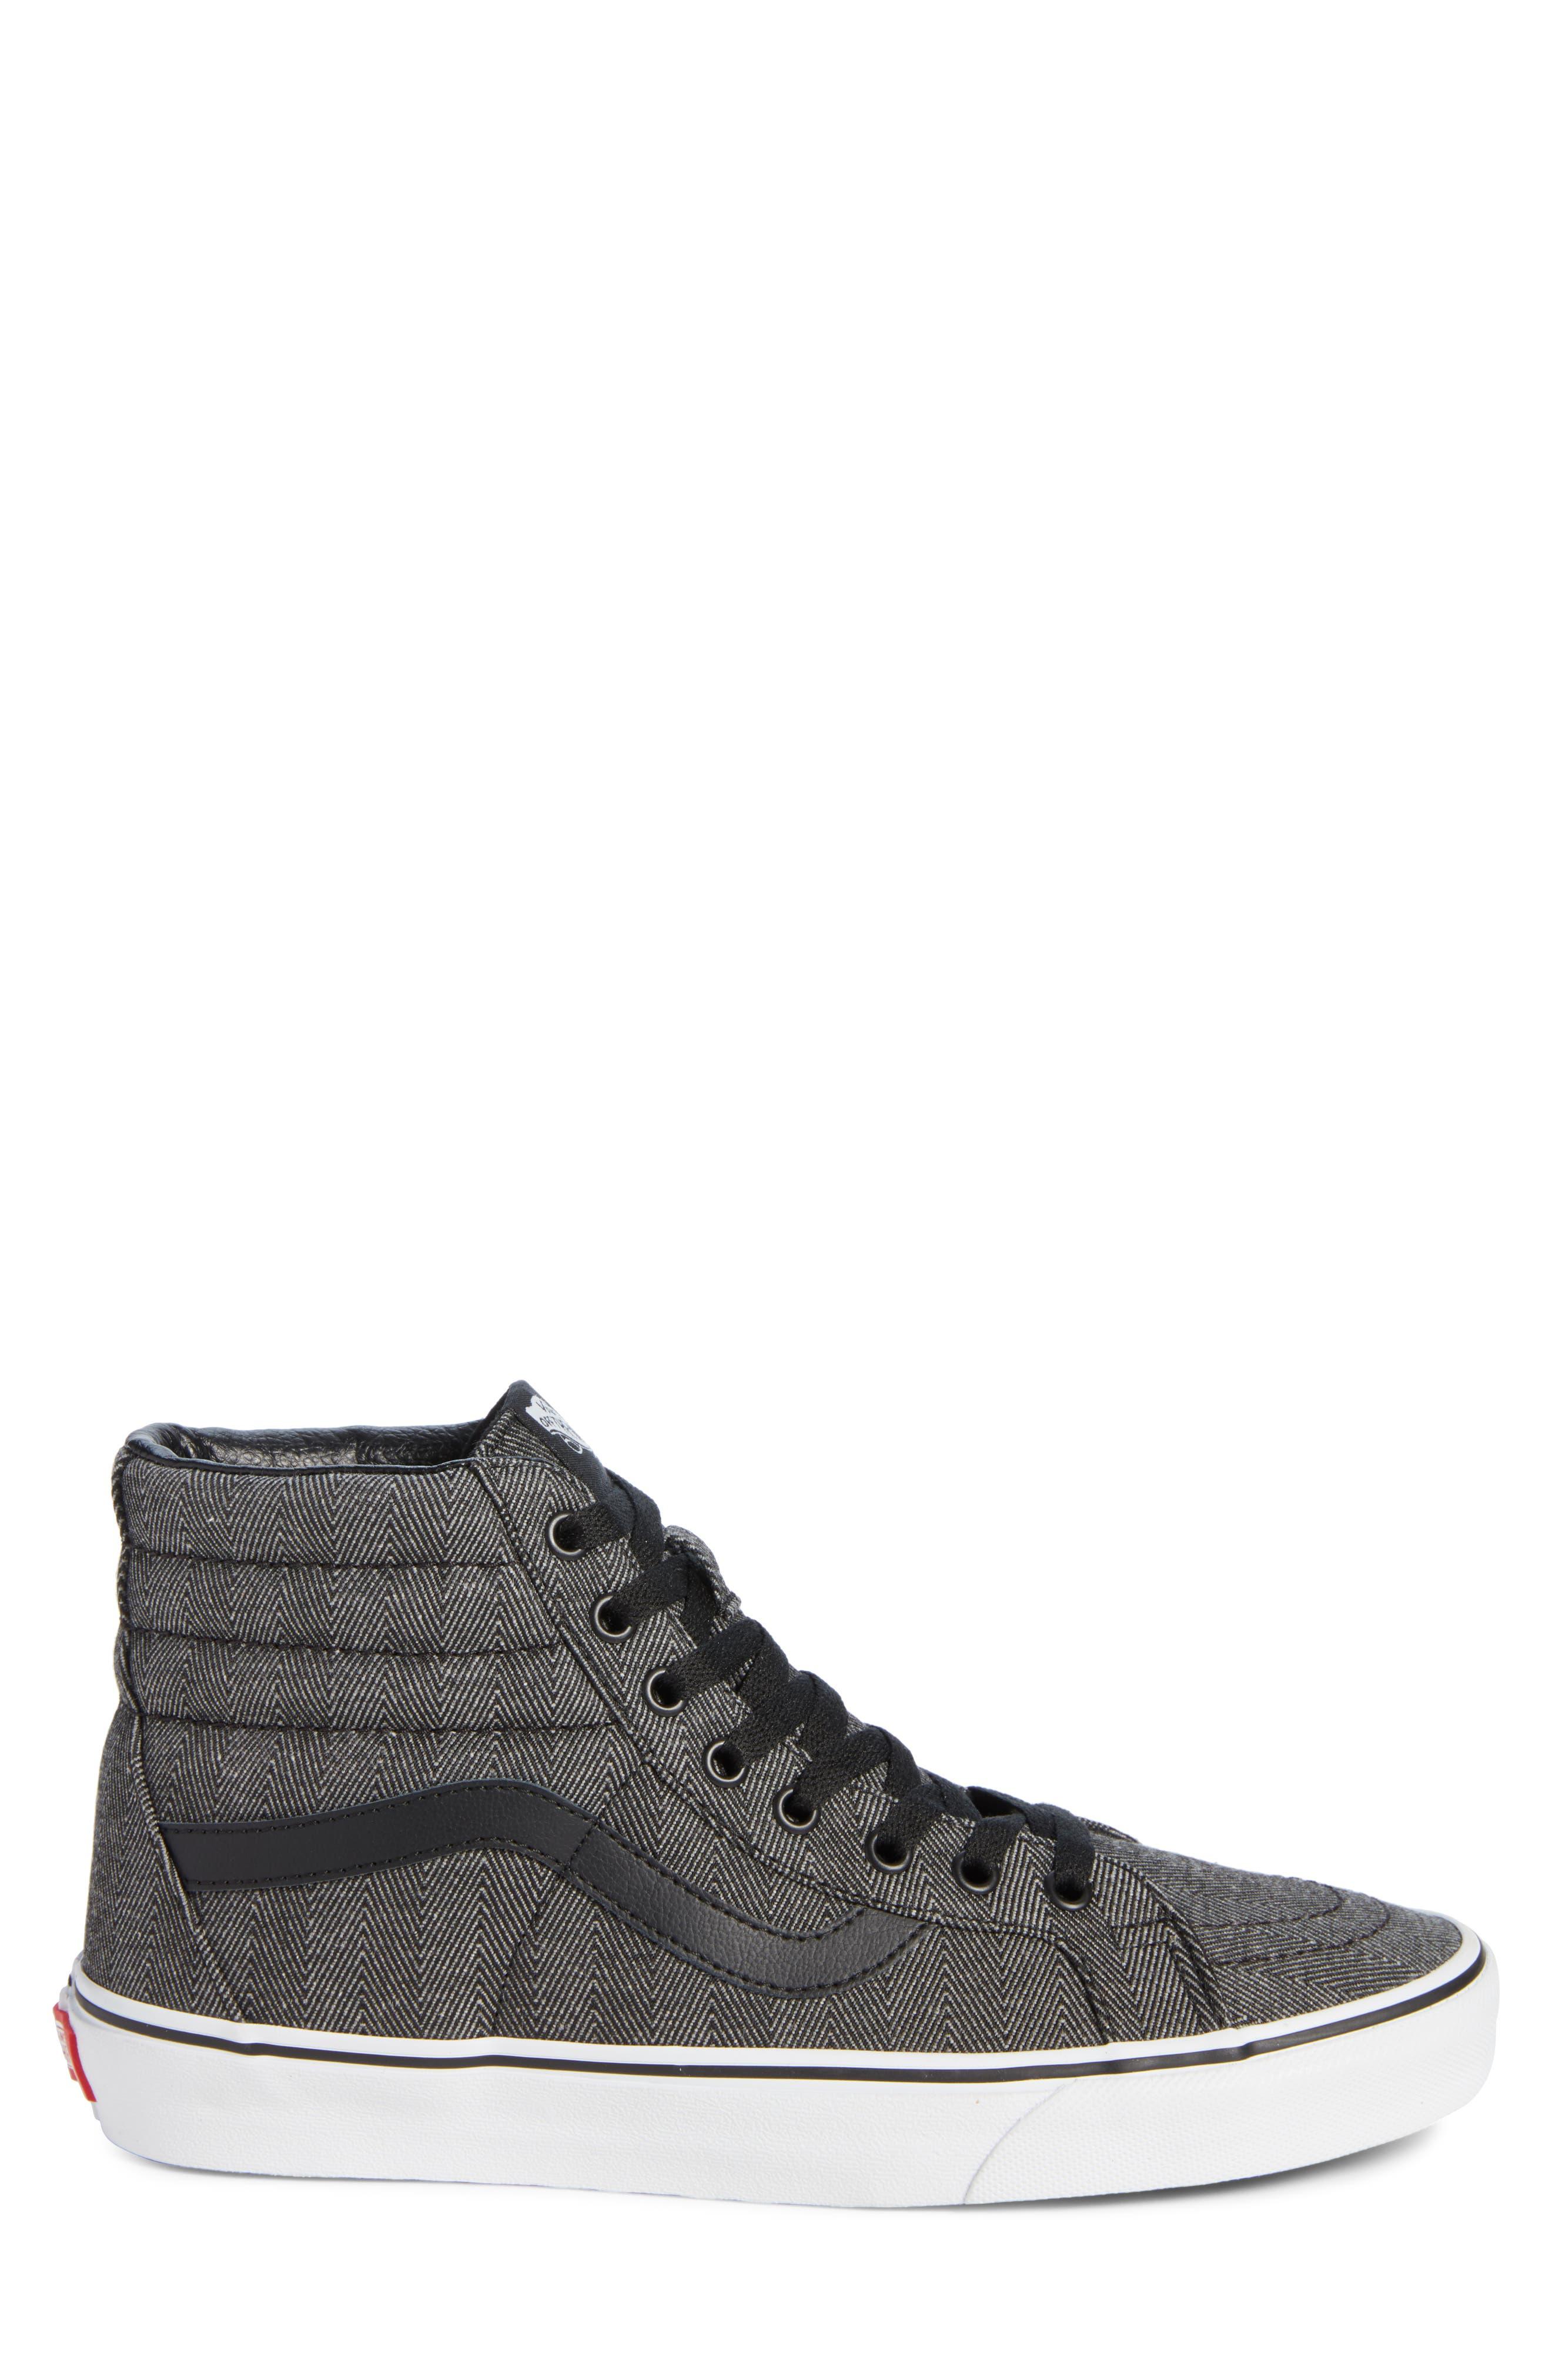 SK8-Hi Reissue High Top Sneaker,                             Alternate thumbnail 3, color,                             BLACK/ TRUE WHITE